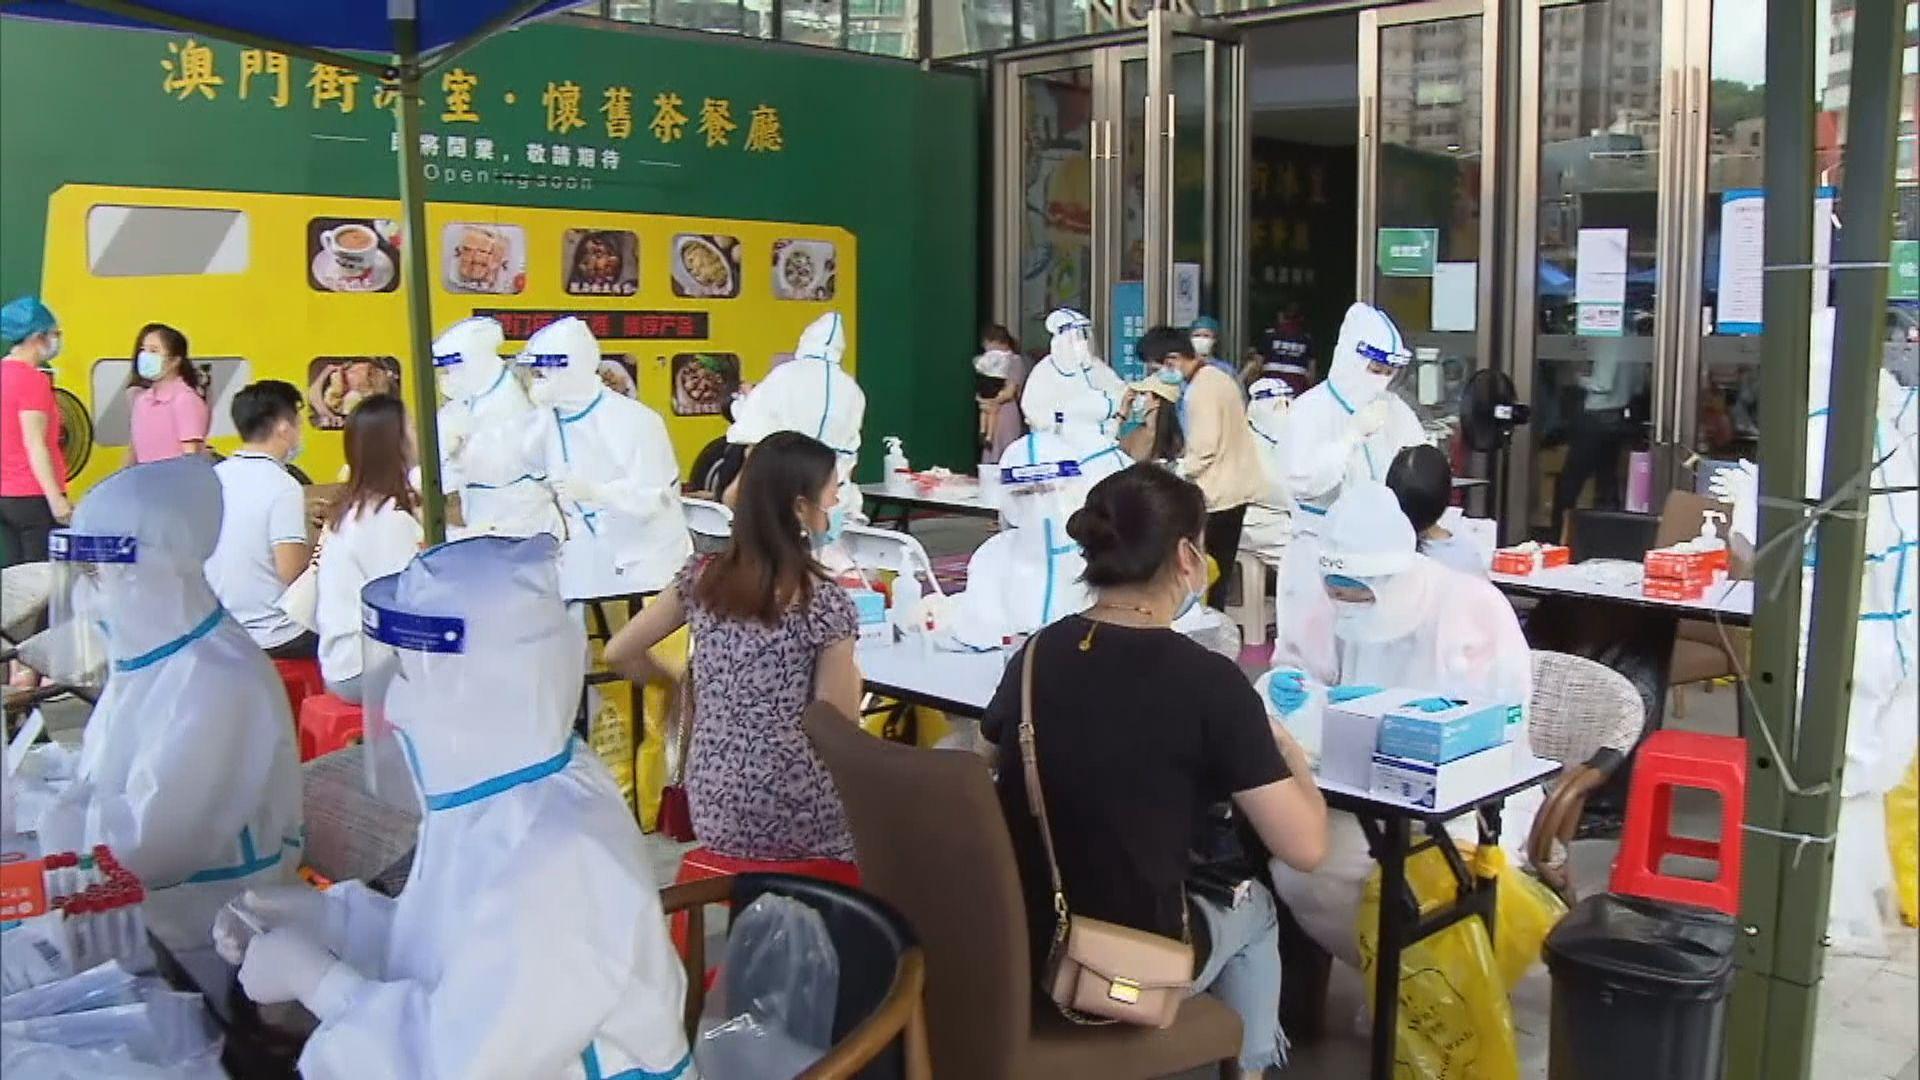 深圳市擴大核酸檢測範圍 買退燒藥要登記身份證